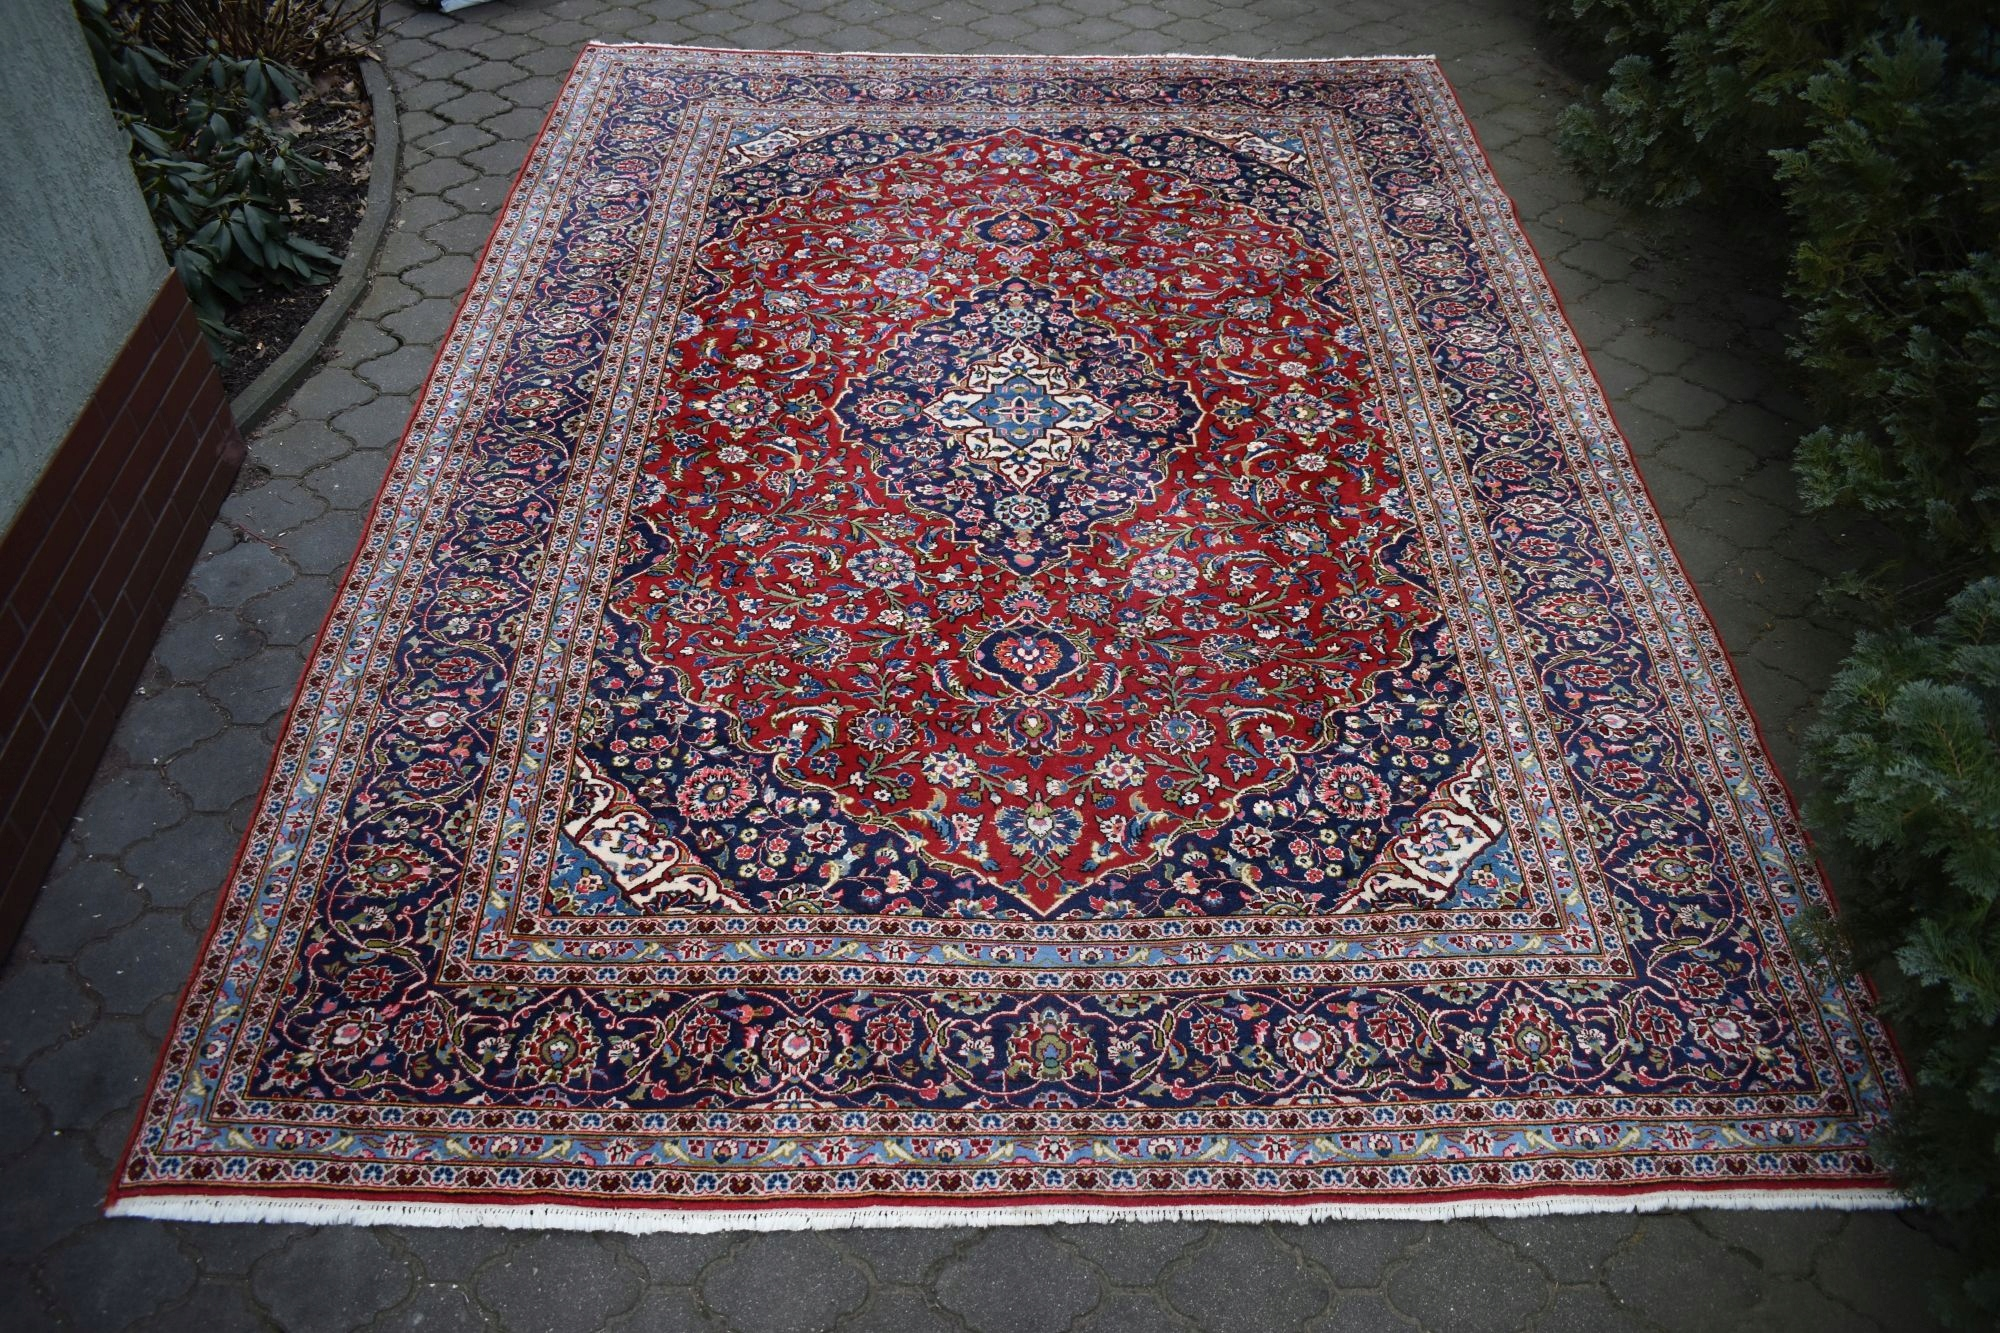 PIĘKNY SALONOWY TKANY PERSKI KESCHAN 2,55/3,55m